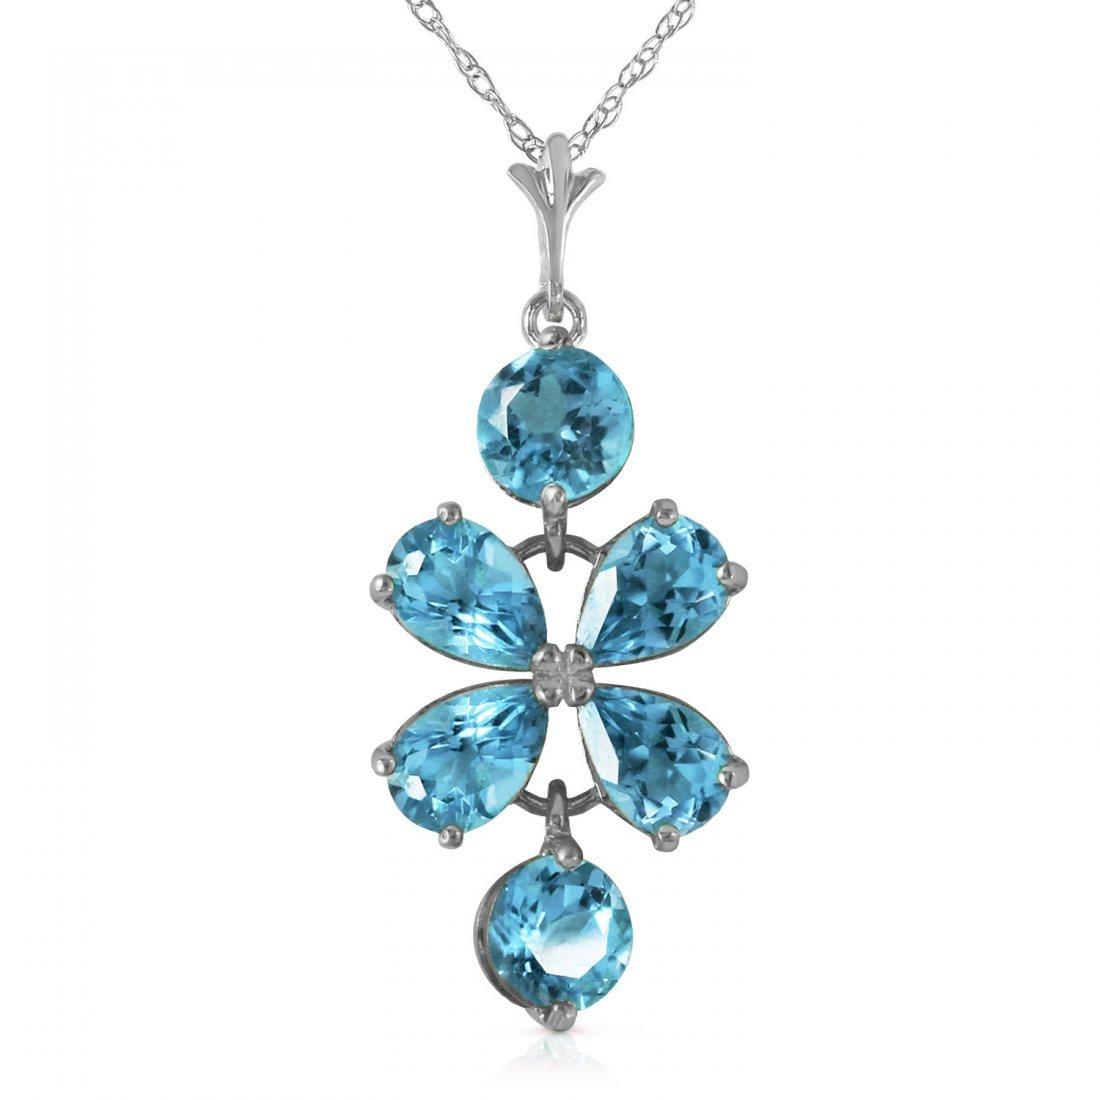 Genuine 3.15 ctw Blue Topaz Necklace Jewelry 14KT White